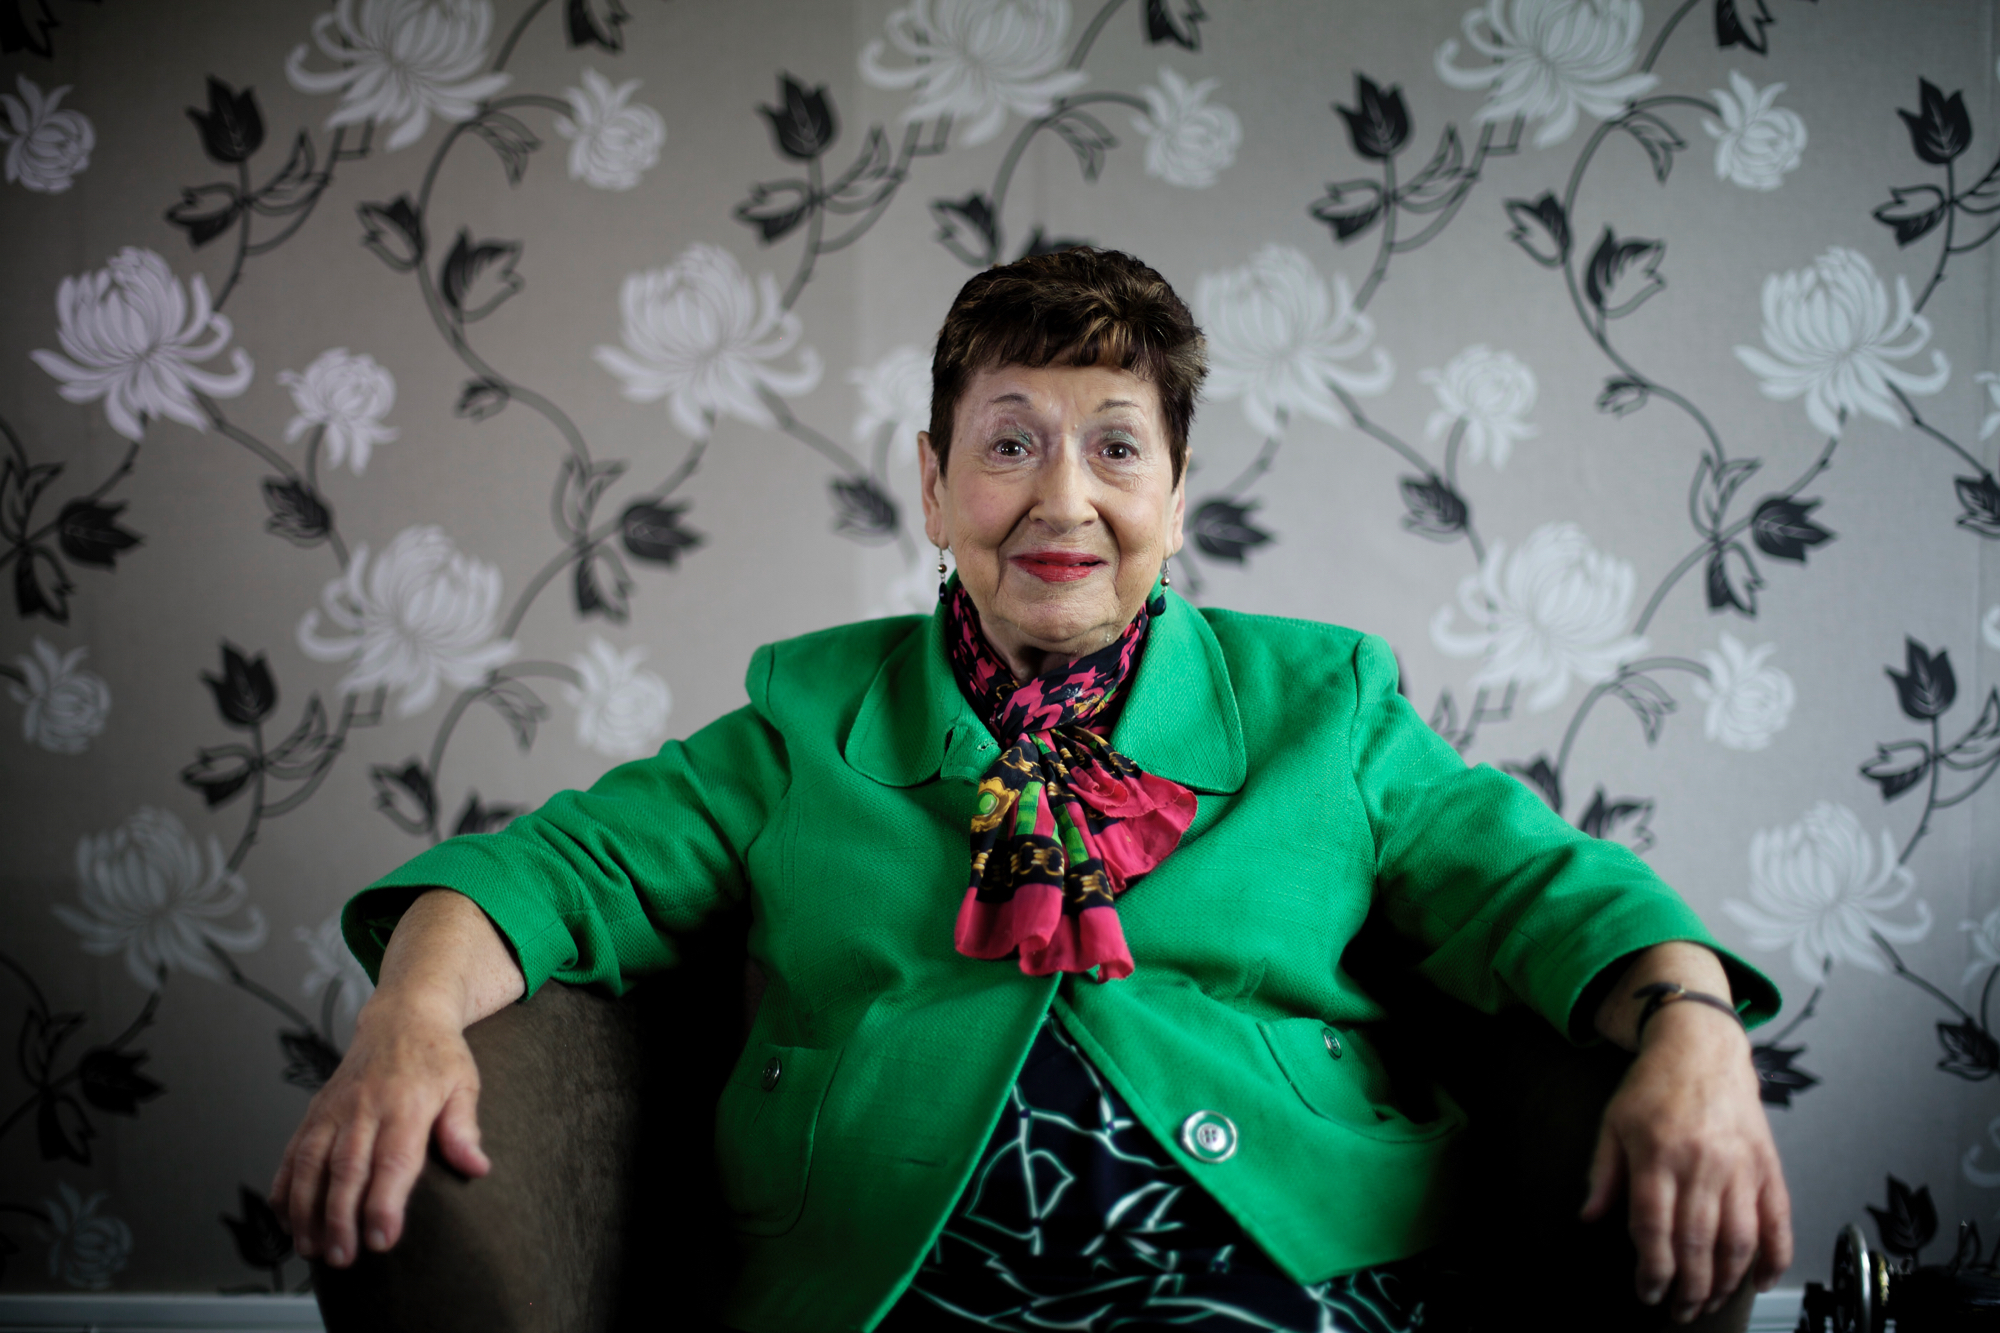 Barbara Davidson, Age UK